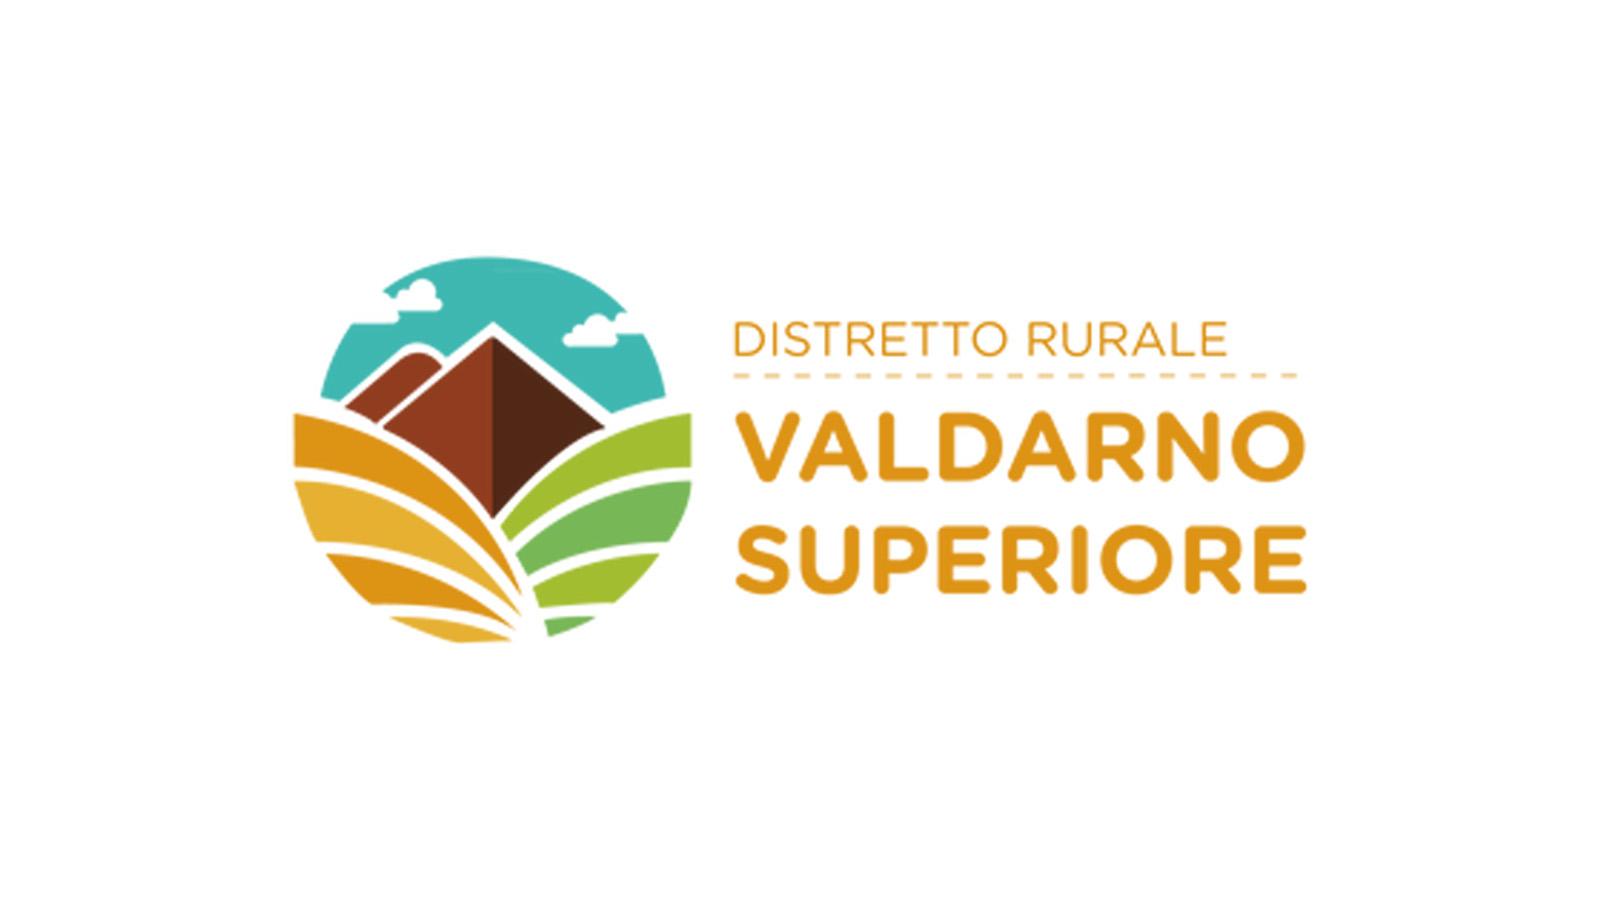 distretto_rurale_valdarno